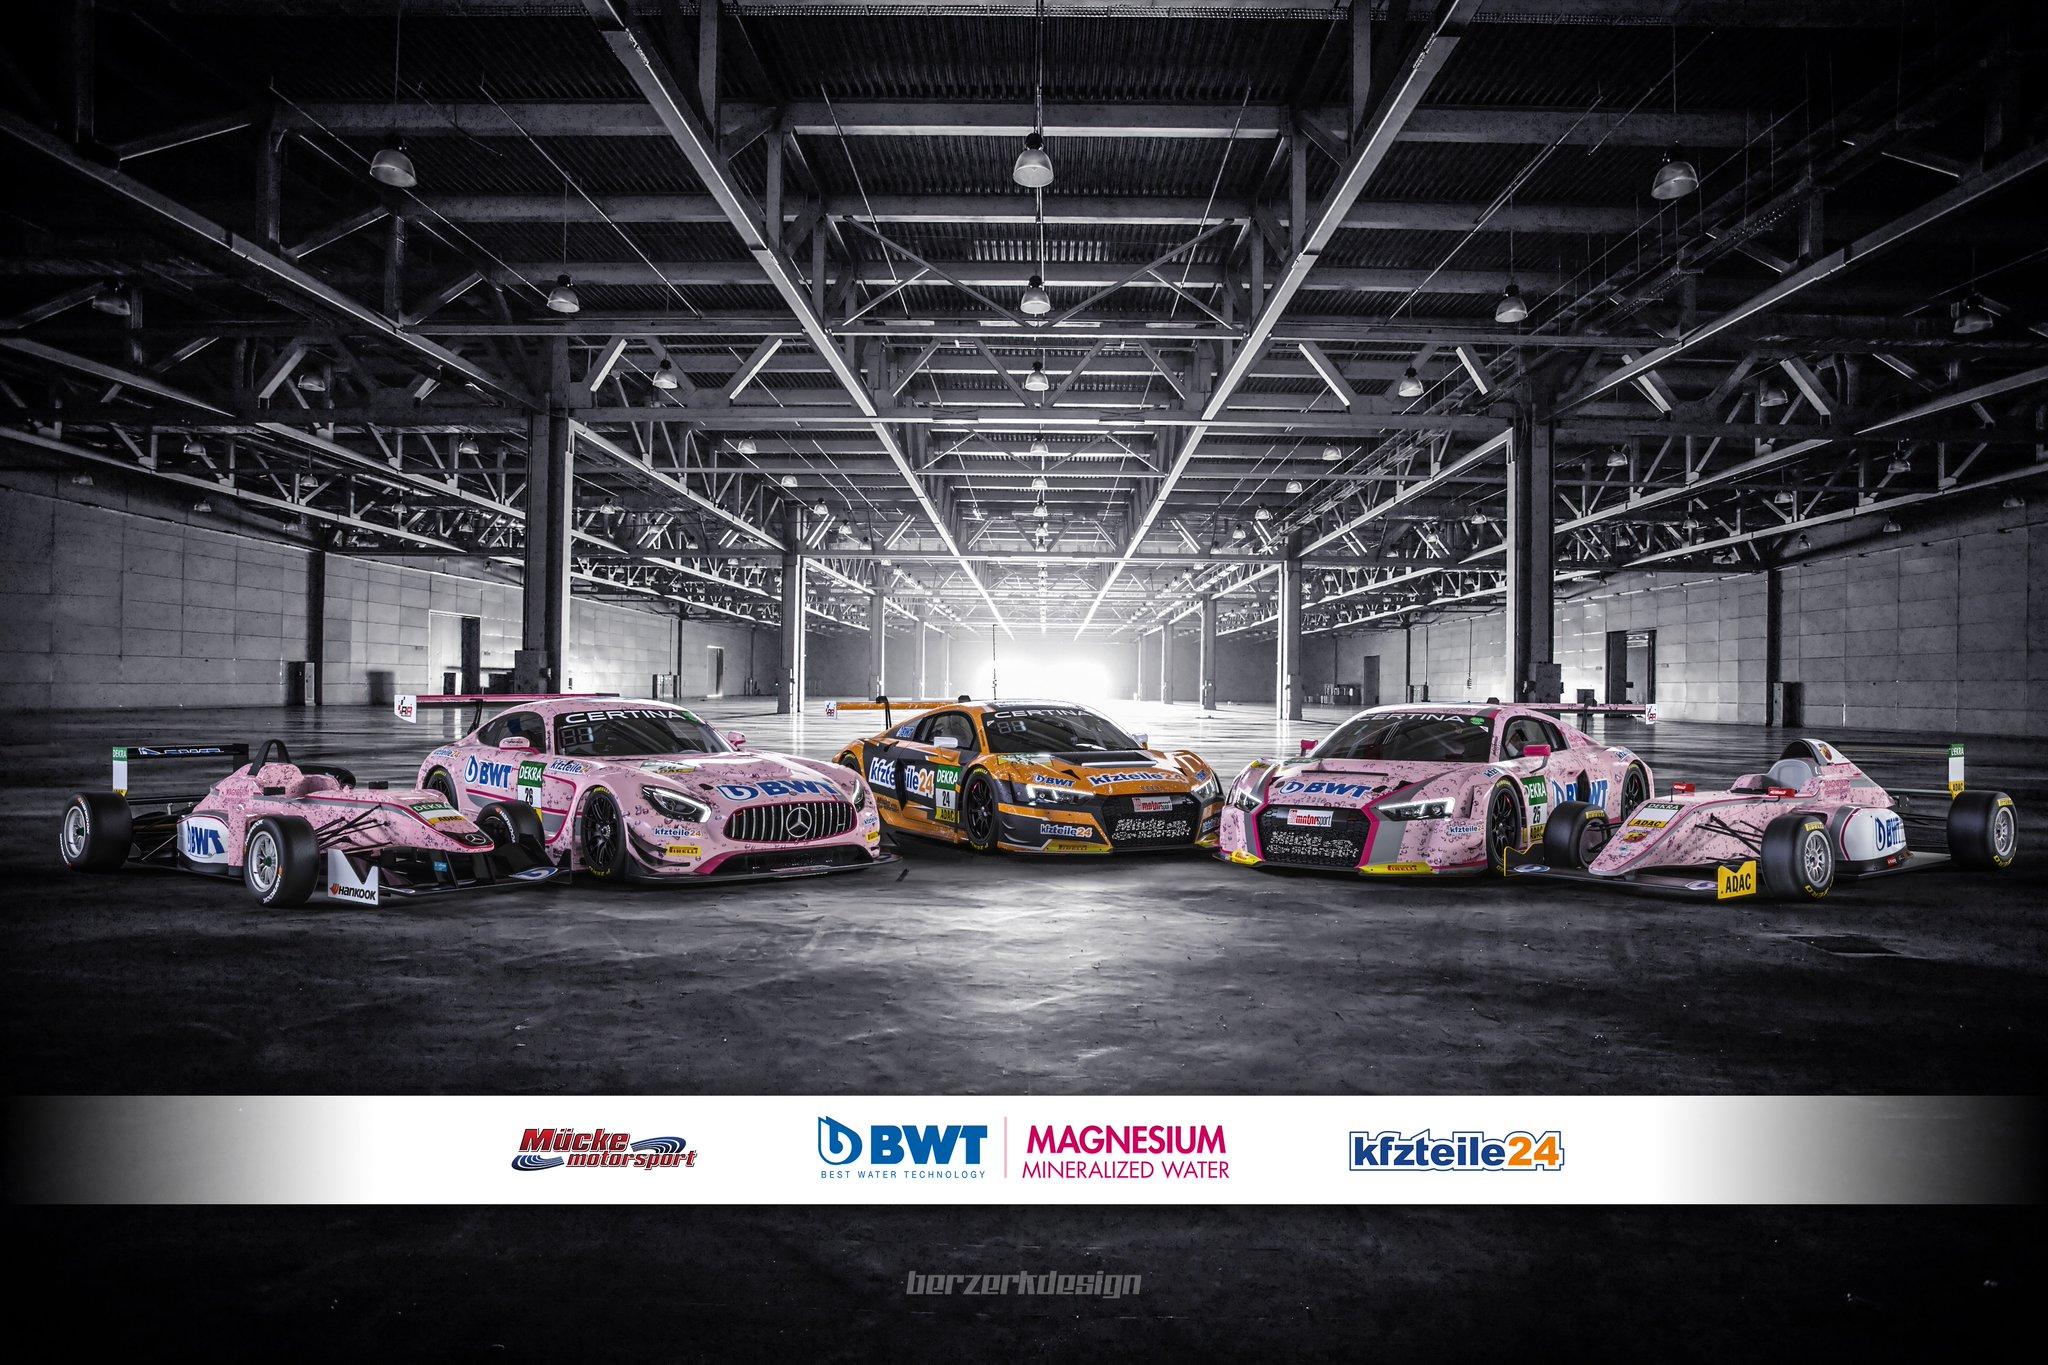 Mücke Motorsport'un 2017 programı bu 5 araçtan ibaret. 2 F4 aracı 2 şampiyonada gezerken, 24-25-26 numaralı GT3 araçları ADAC GT Masters'ta tur atacak.